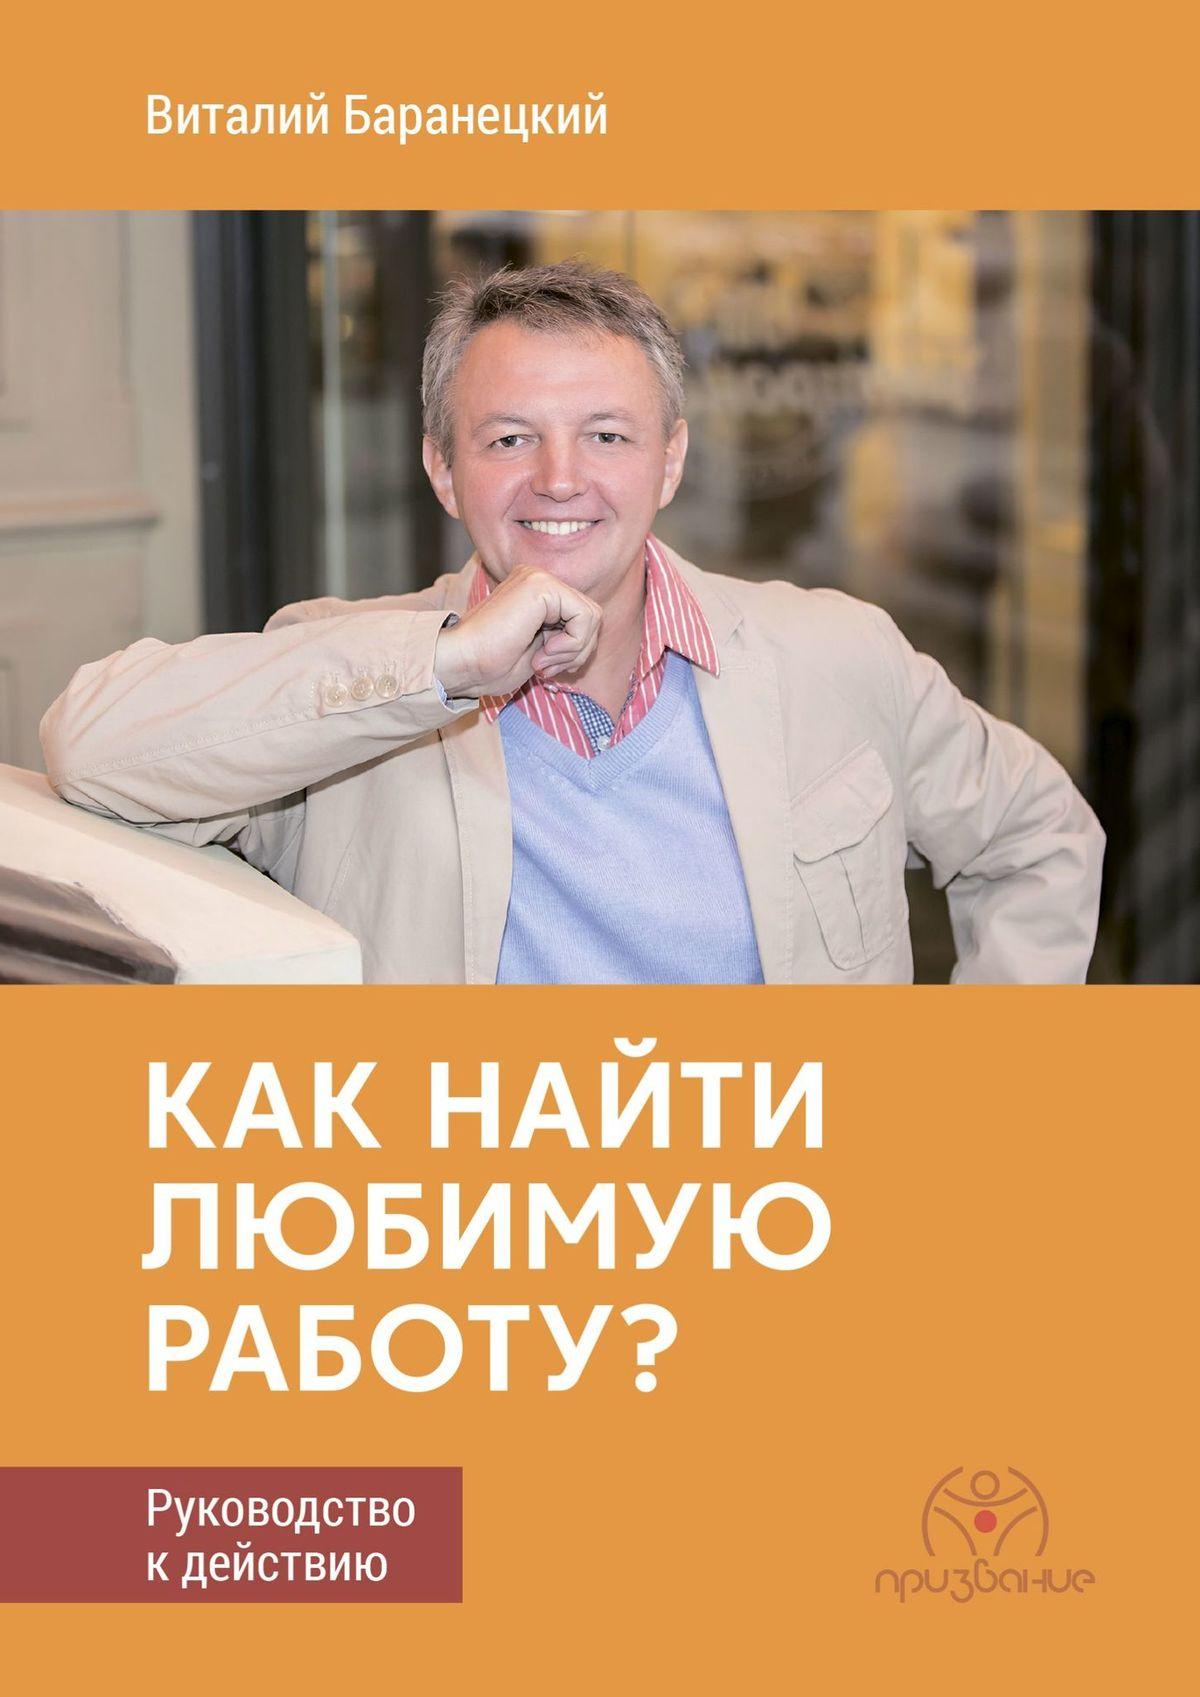 Виталий Баранецкий Как найти любимую работу? Руководство к действию как найти работу энциклопедия